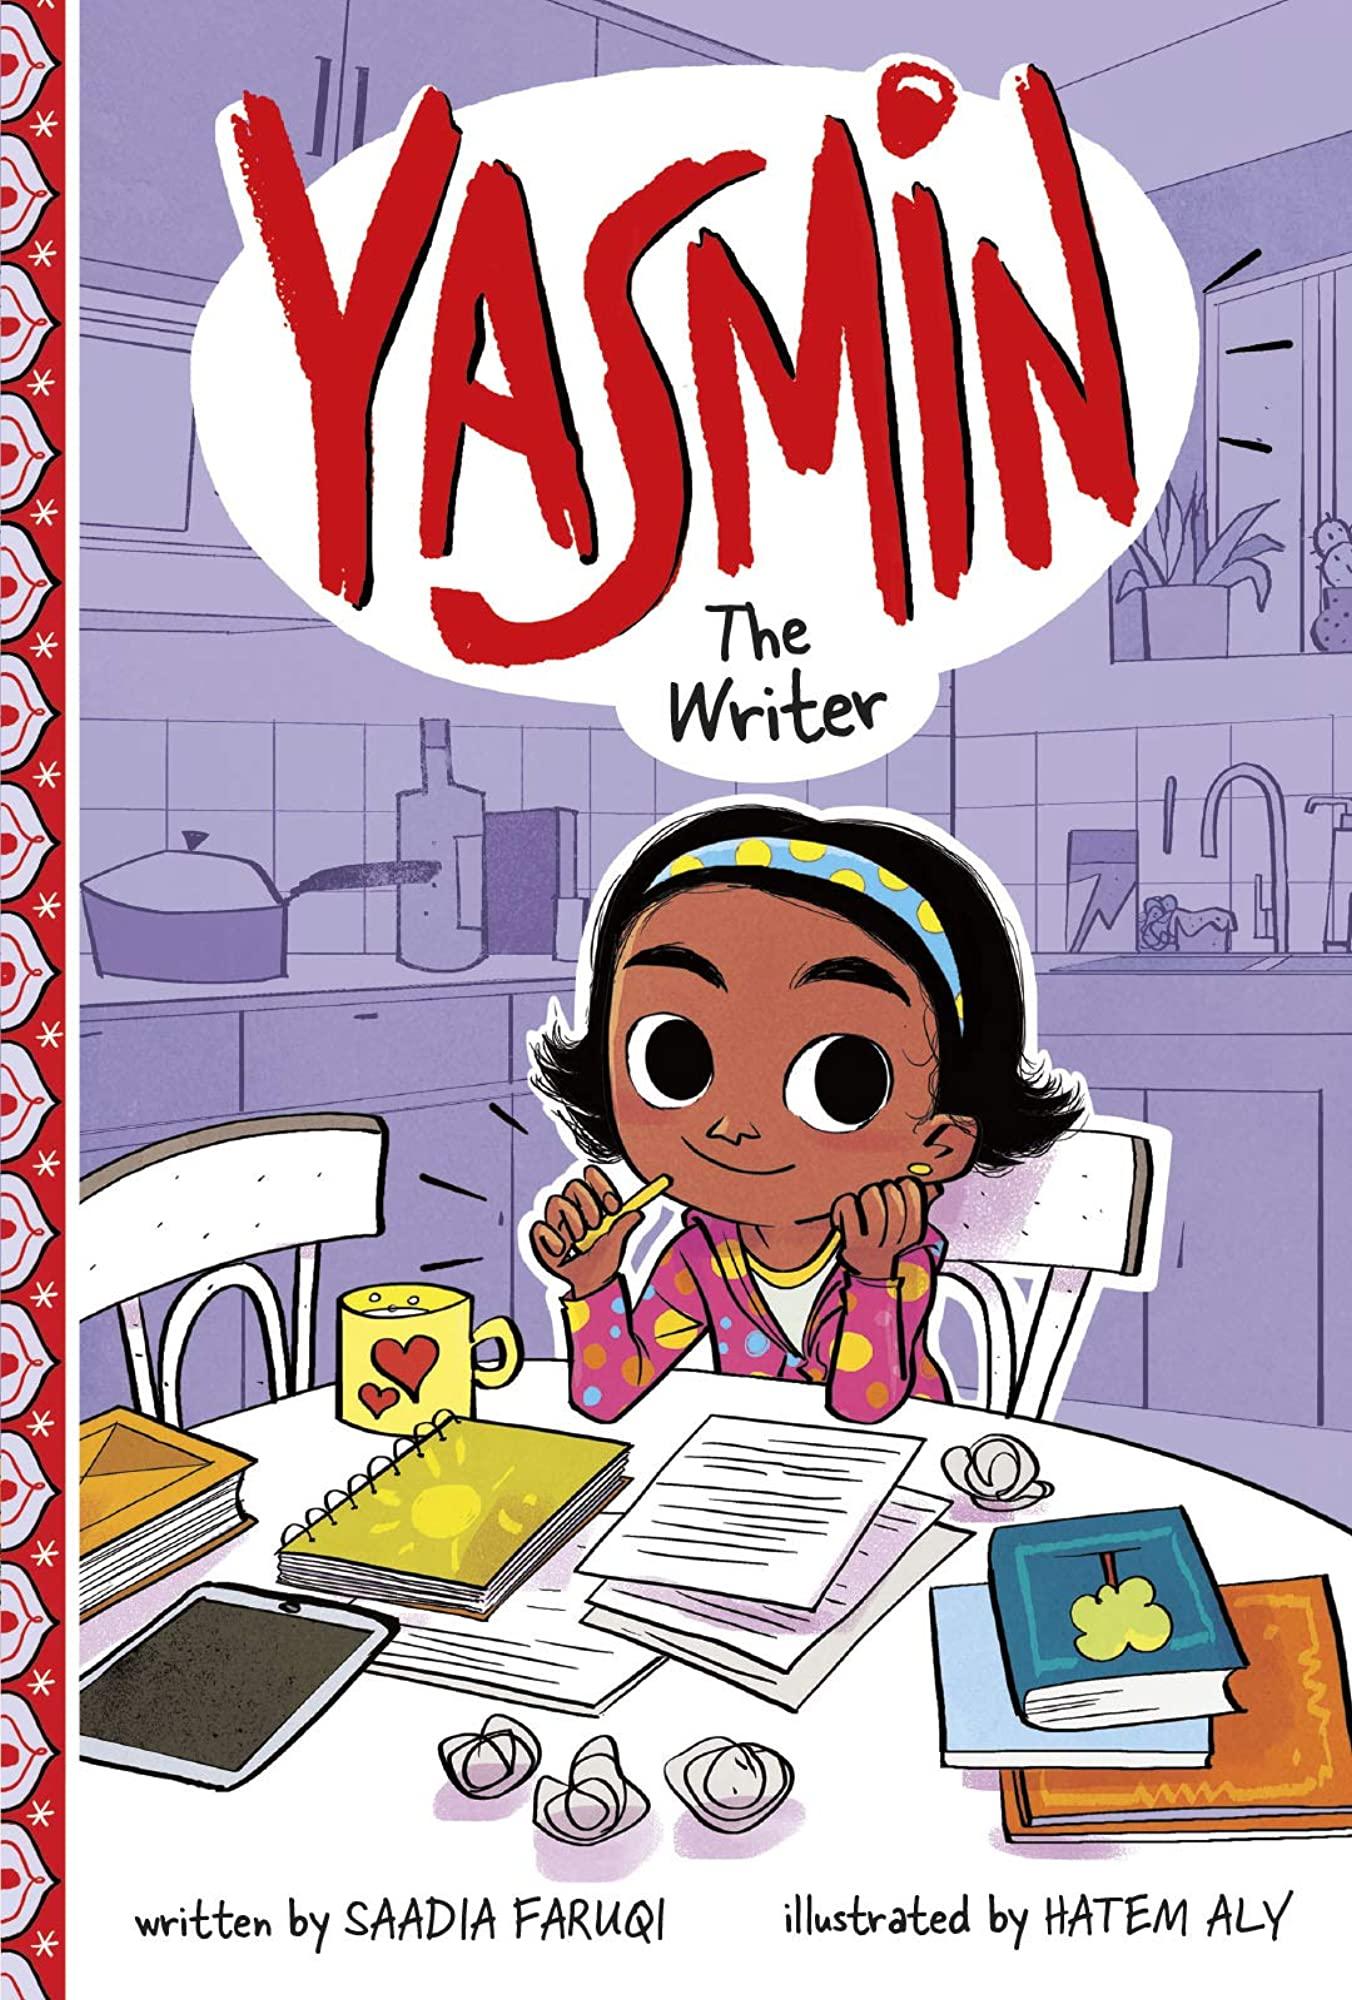 Yasmin: The Writer by Saadia Faruqi